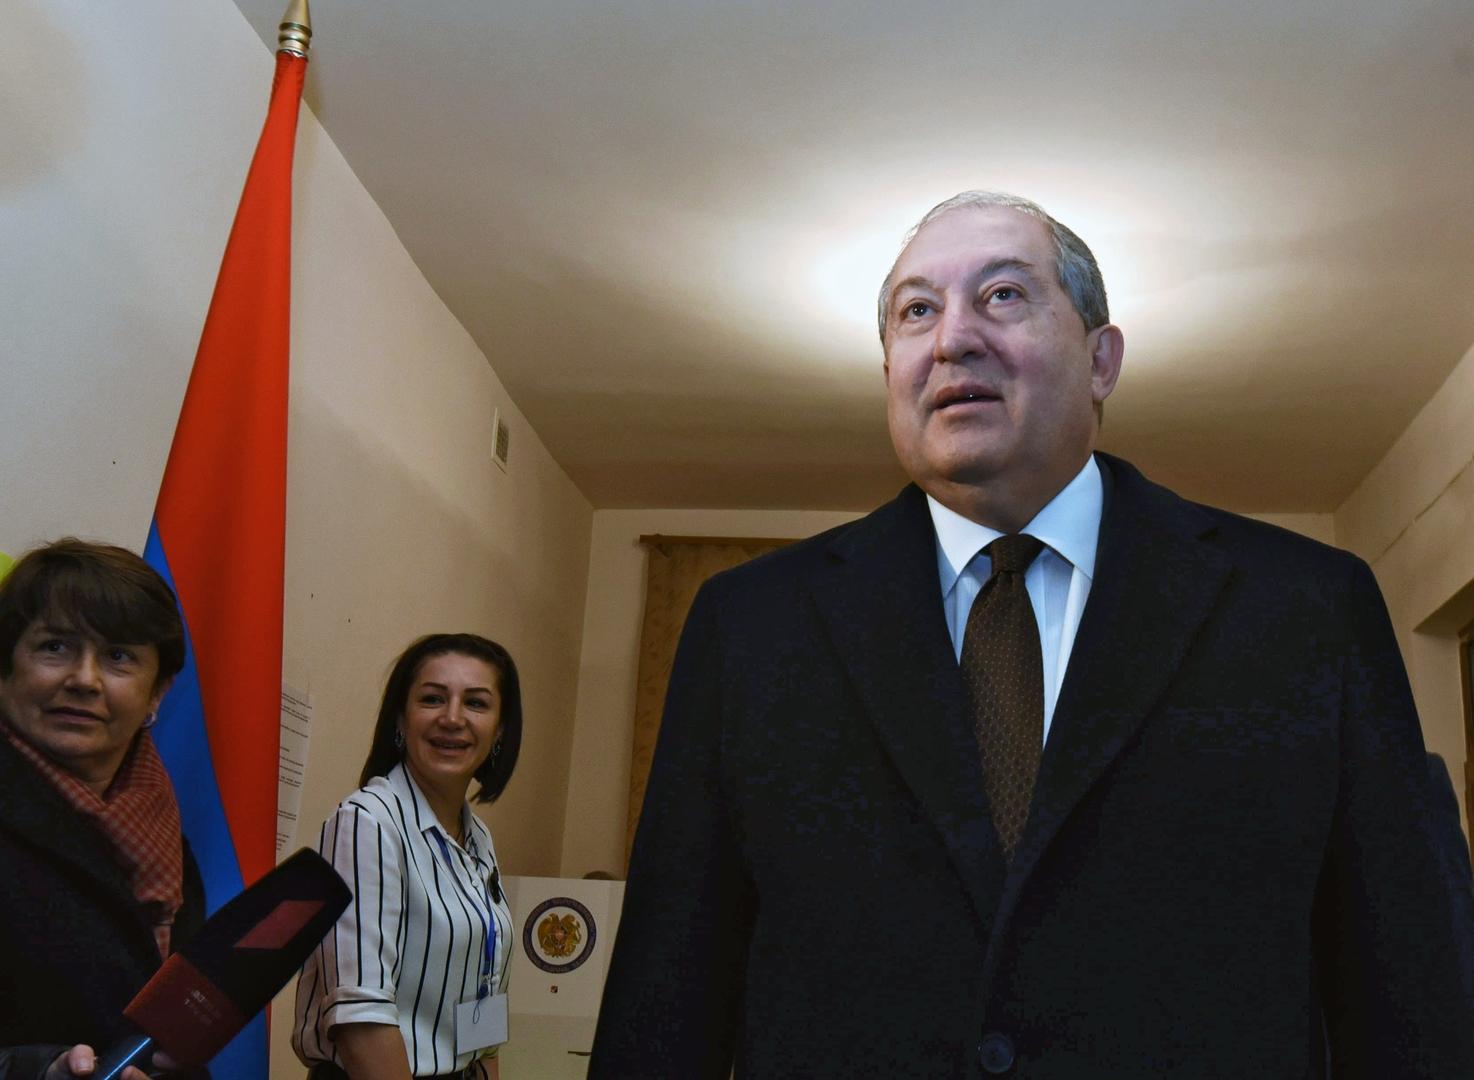 نقل الرئيس الأرمني إلى المستشفى بسبب مضاعفات ناجمة عن كورونا